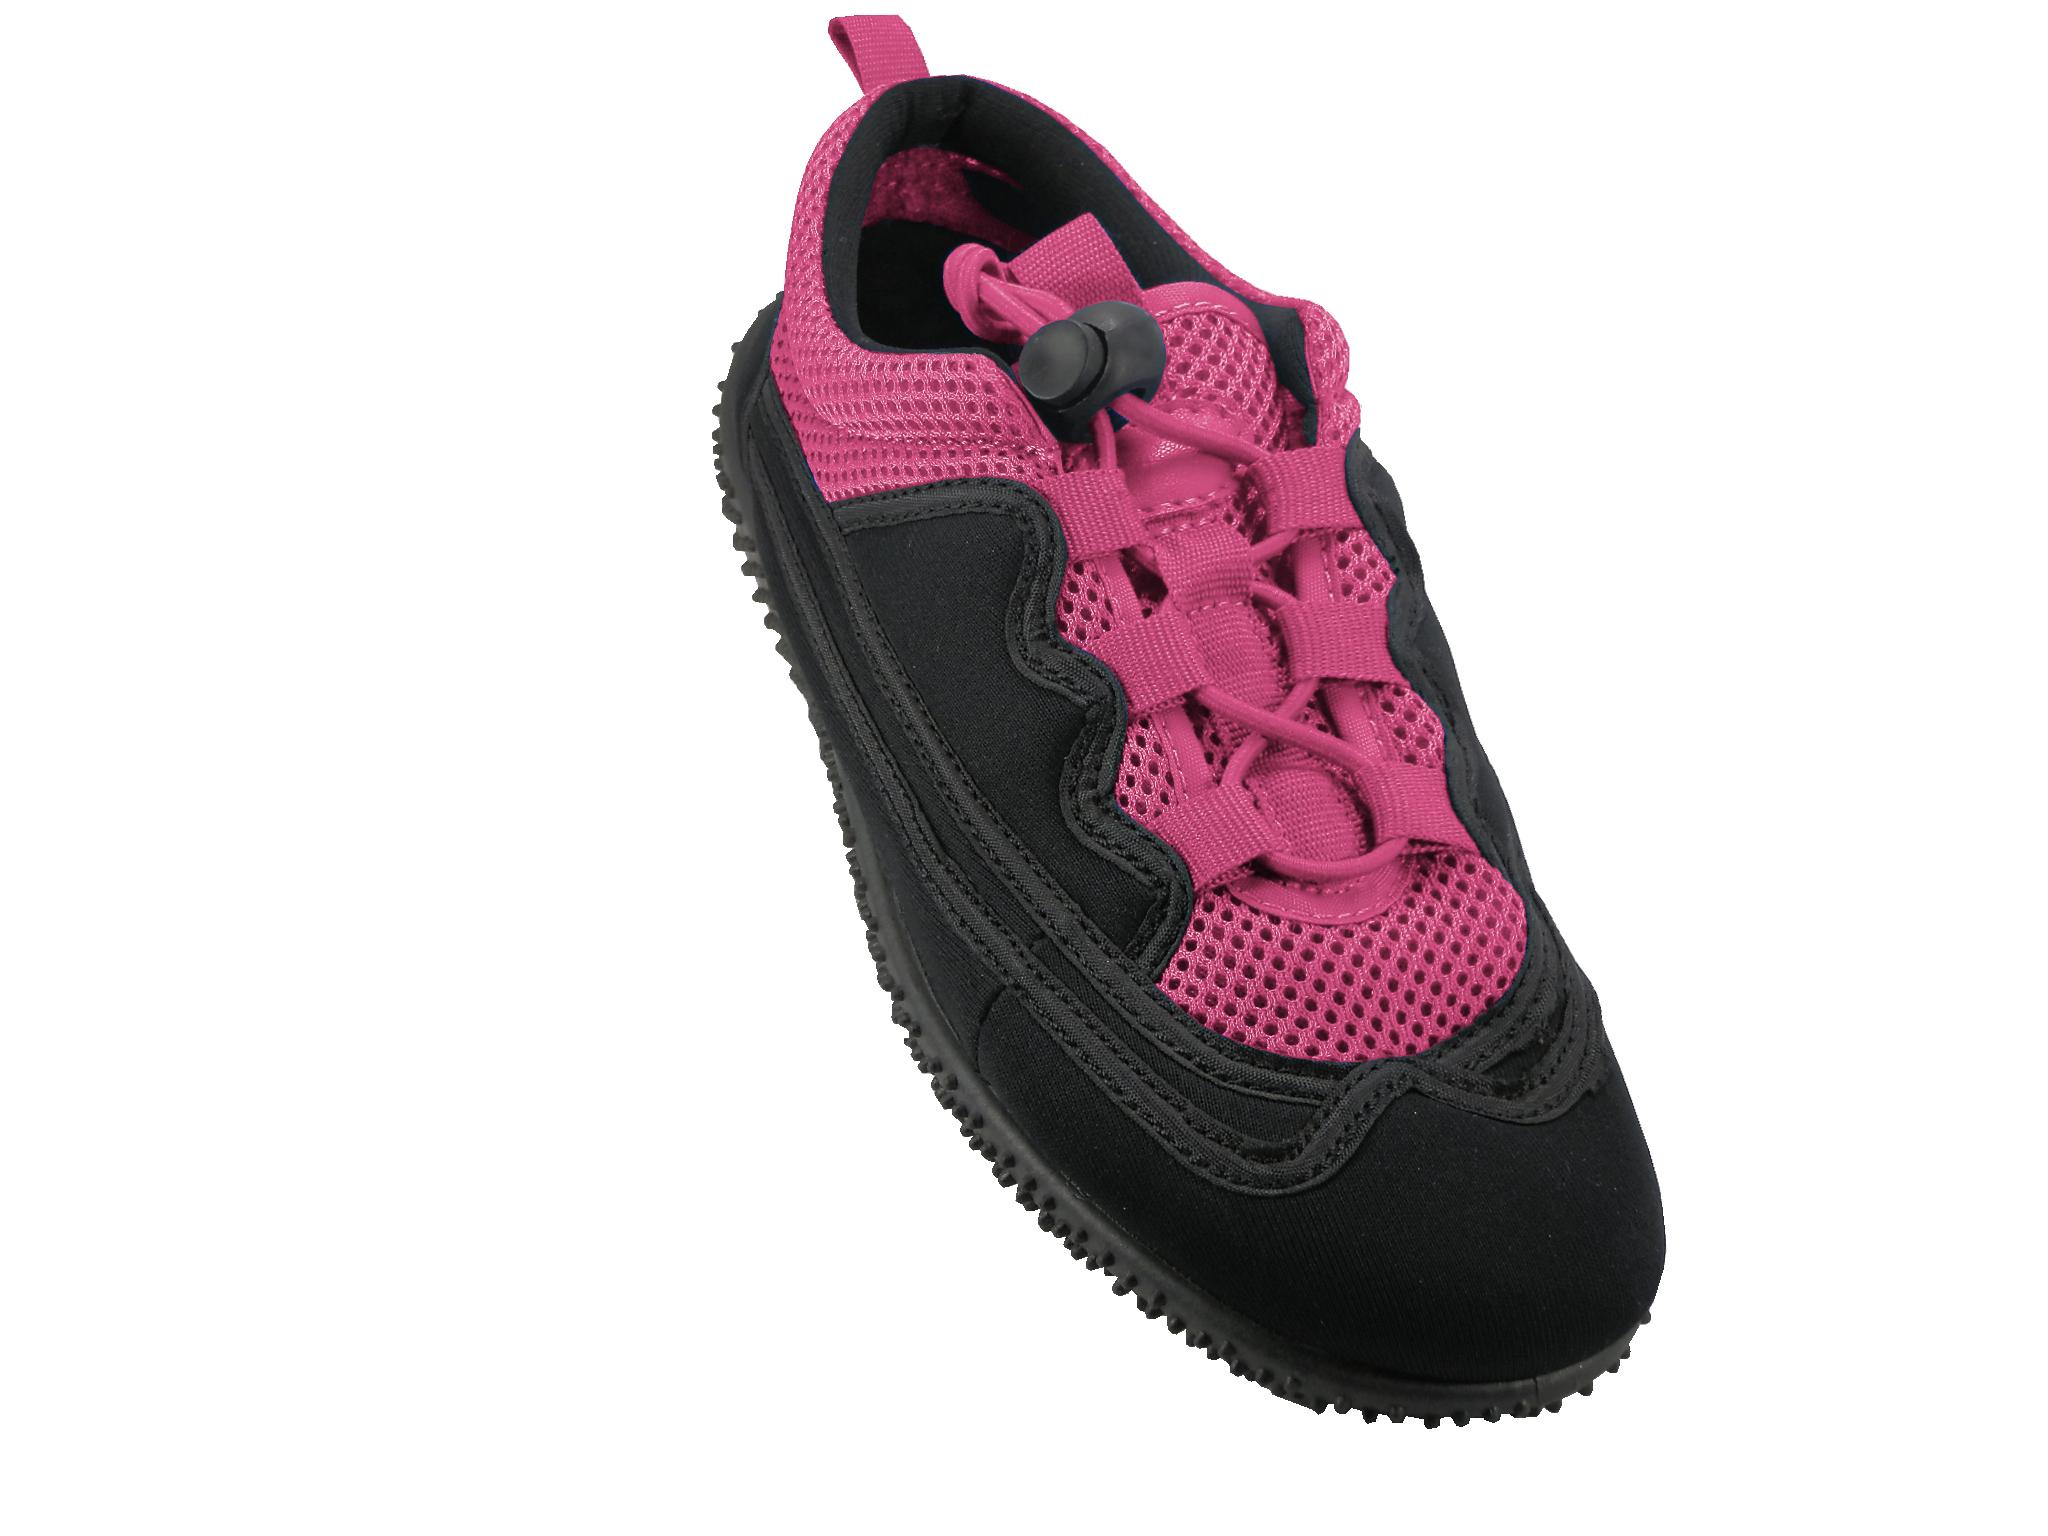 Cinch Women S Shoes